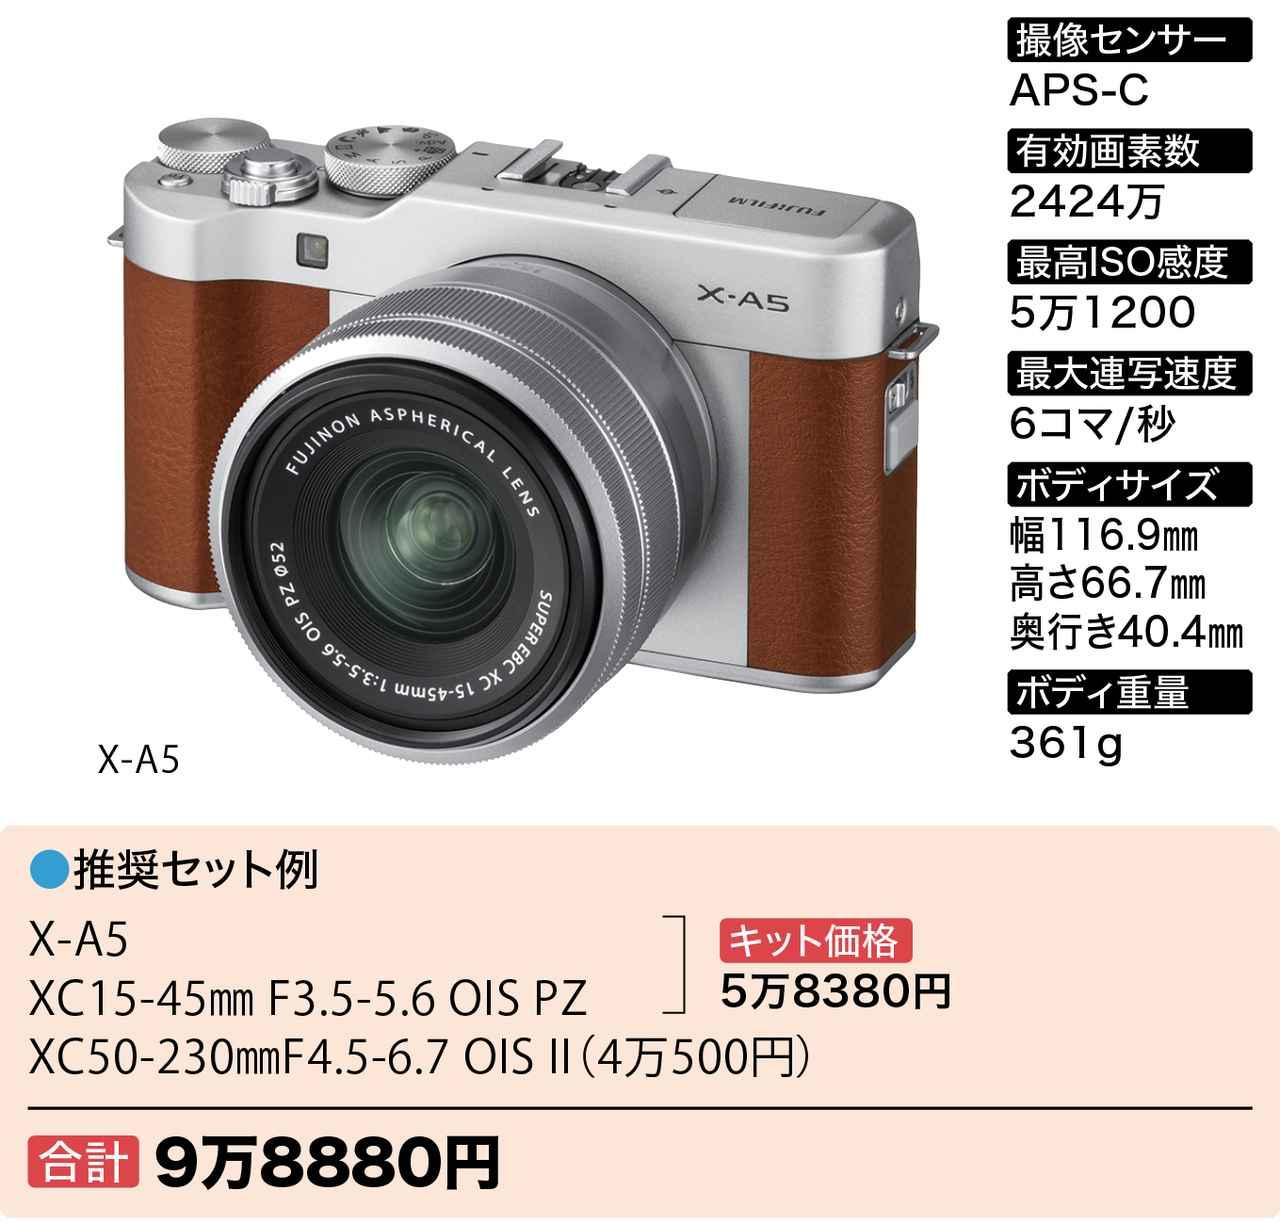 画像5: 【ミラーレス一眼】ボディ・Wズームセットで予算8万円~おすすめの6機種はコレ